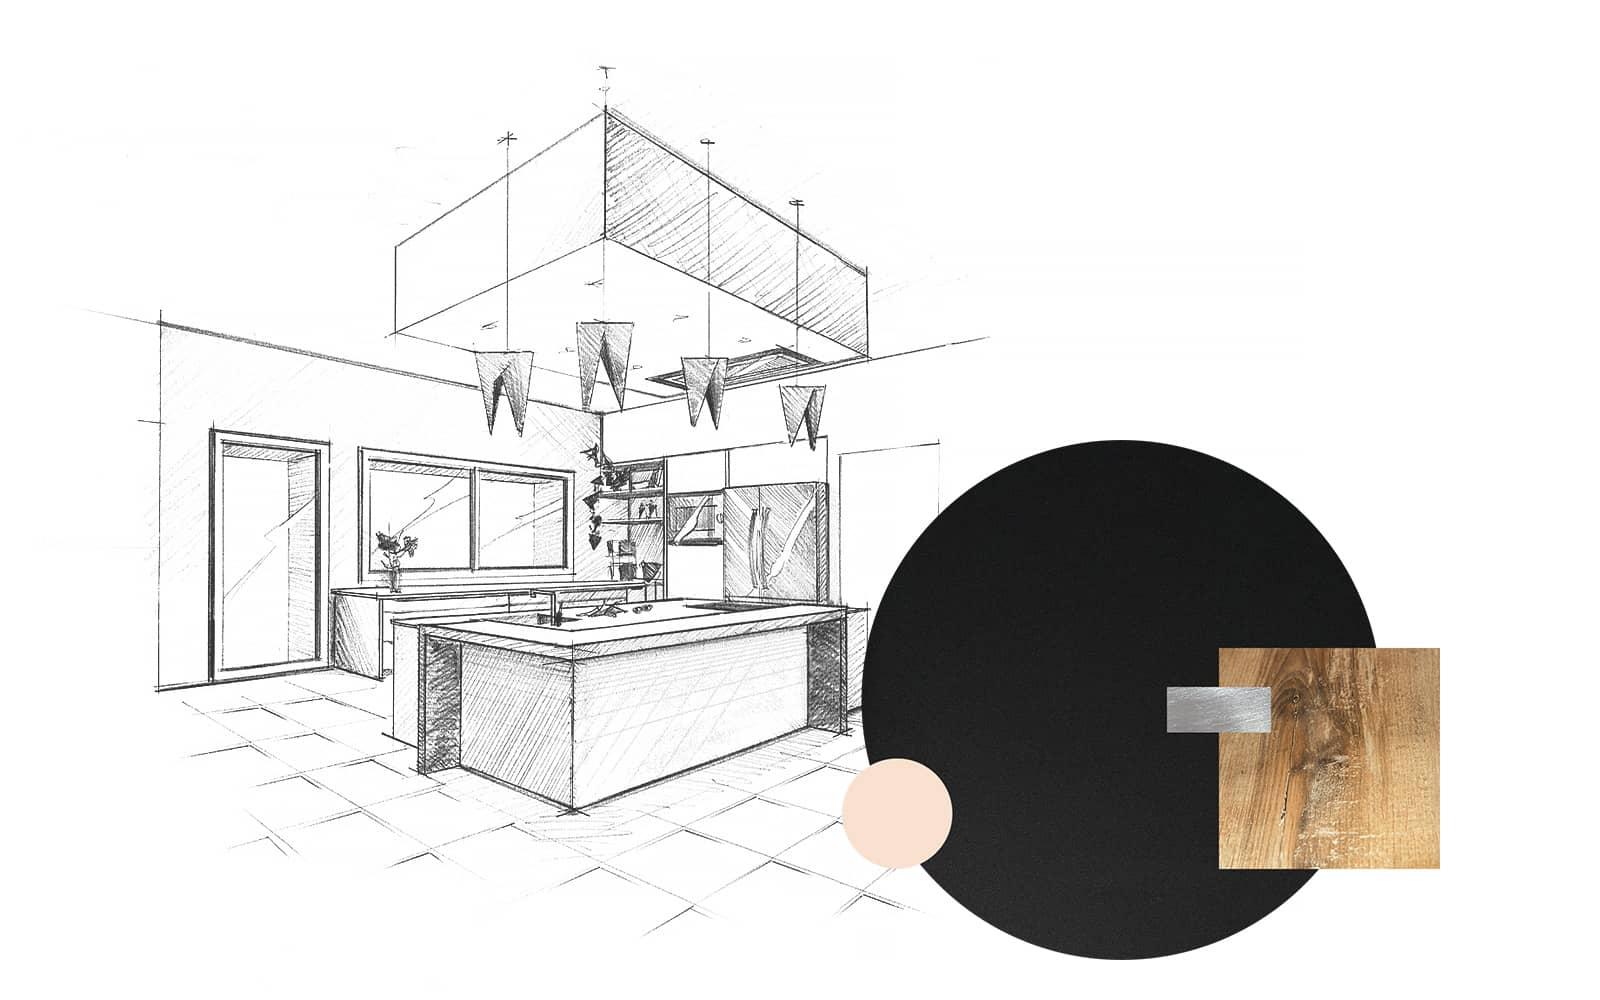 Projet de l'Atelier de Léa : dessin en perspective et échantillons d'une cuisine moderne noire asymétrique sur-mesure avec plans de travail en bois et granite.